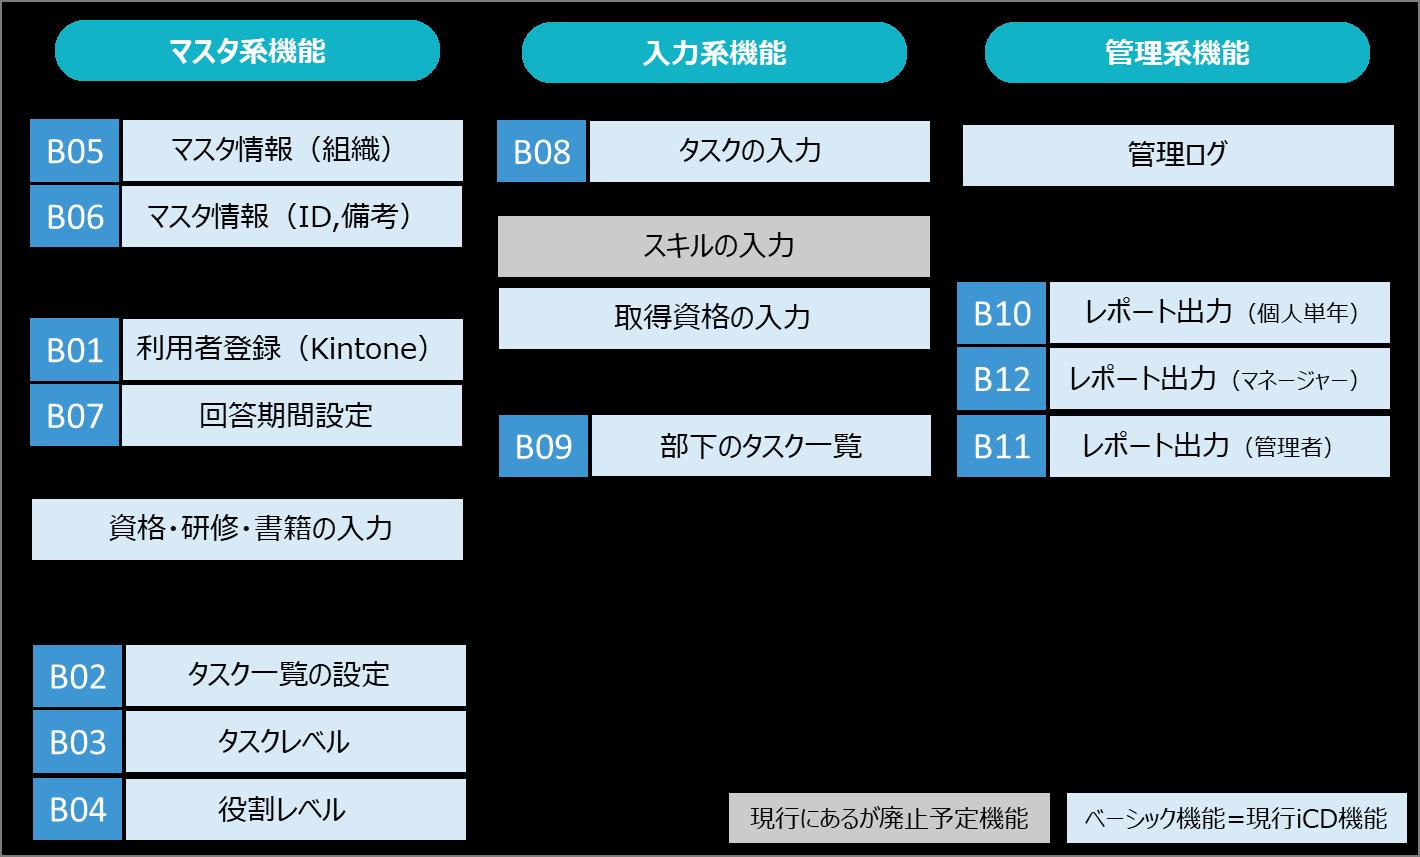 iCD活用システムはiCD標準機能はすべて網羅している製品です